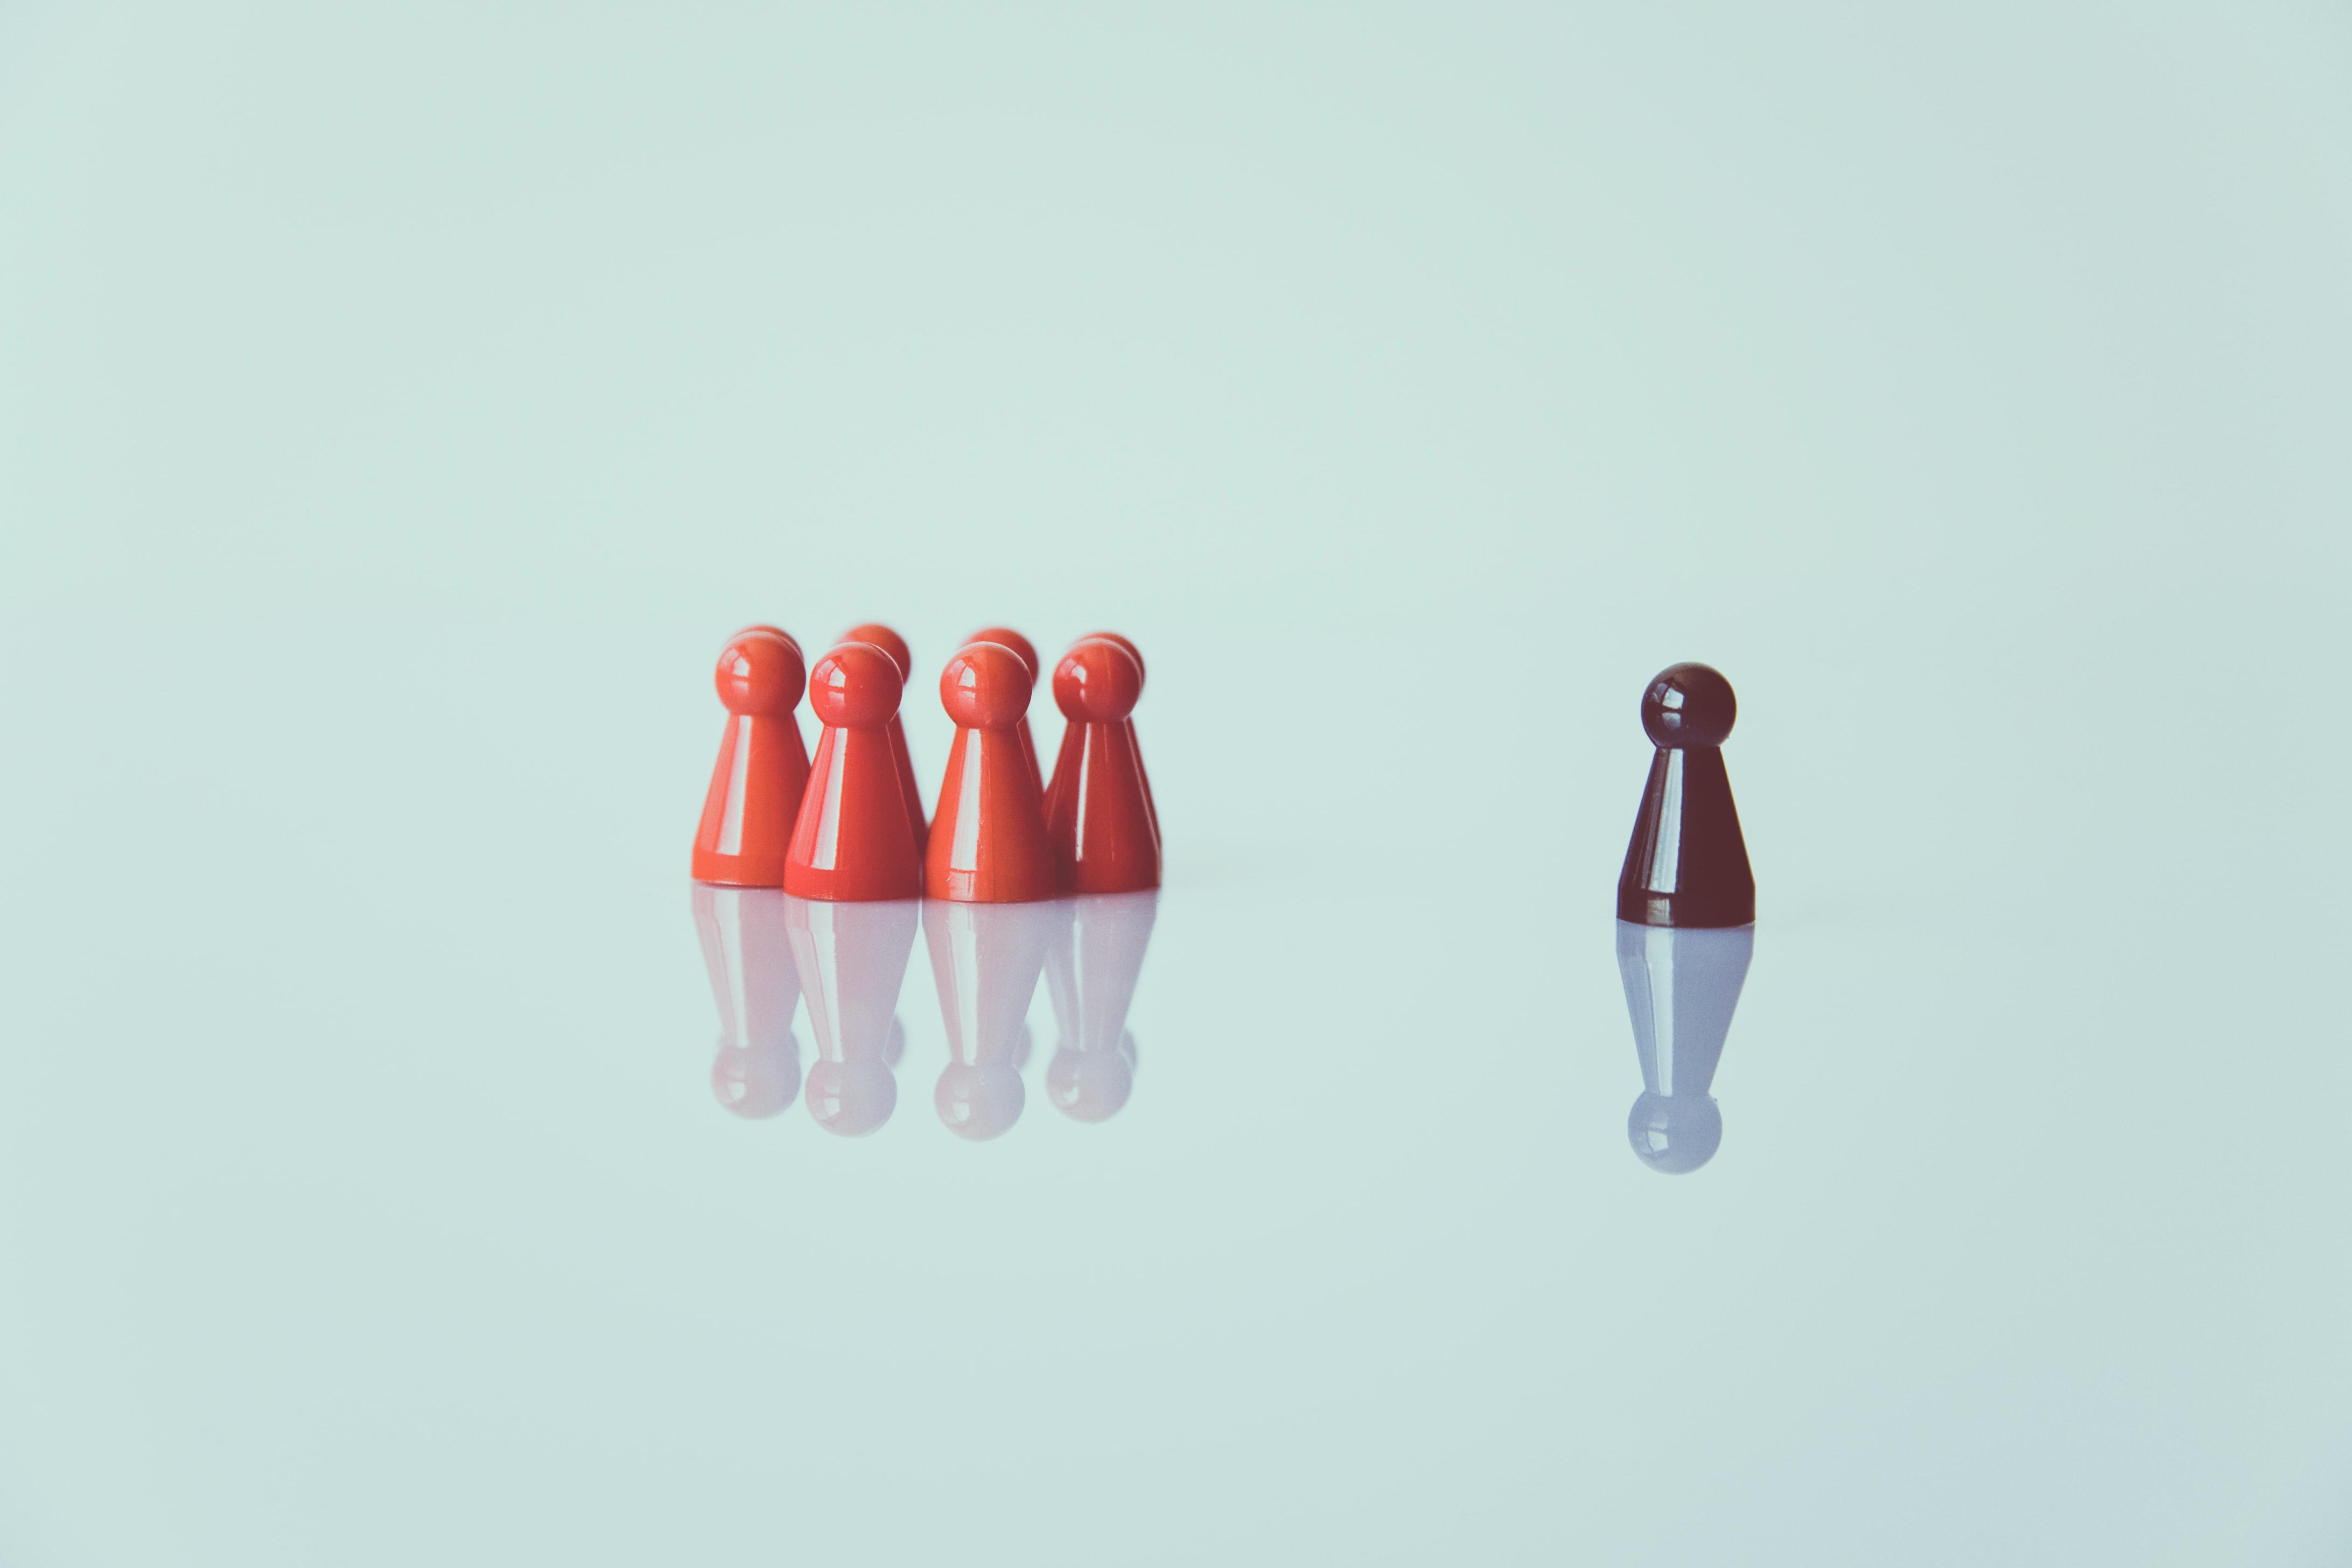 encuentro-digital-liderar-tiempos-adversidad-acceso-2020